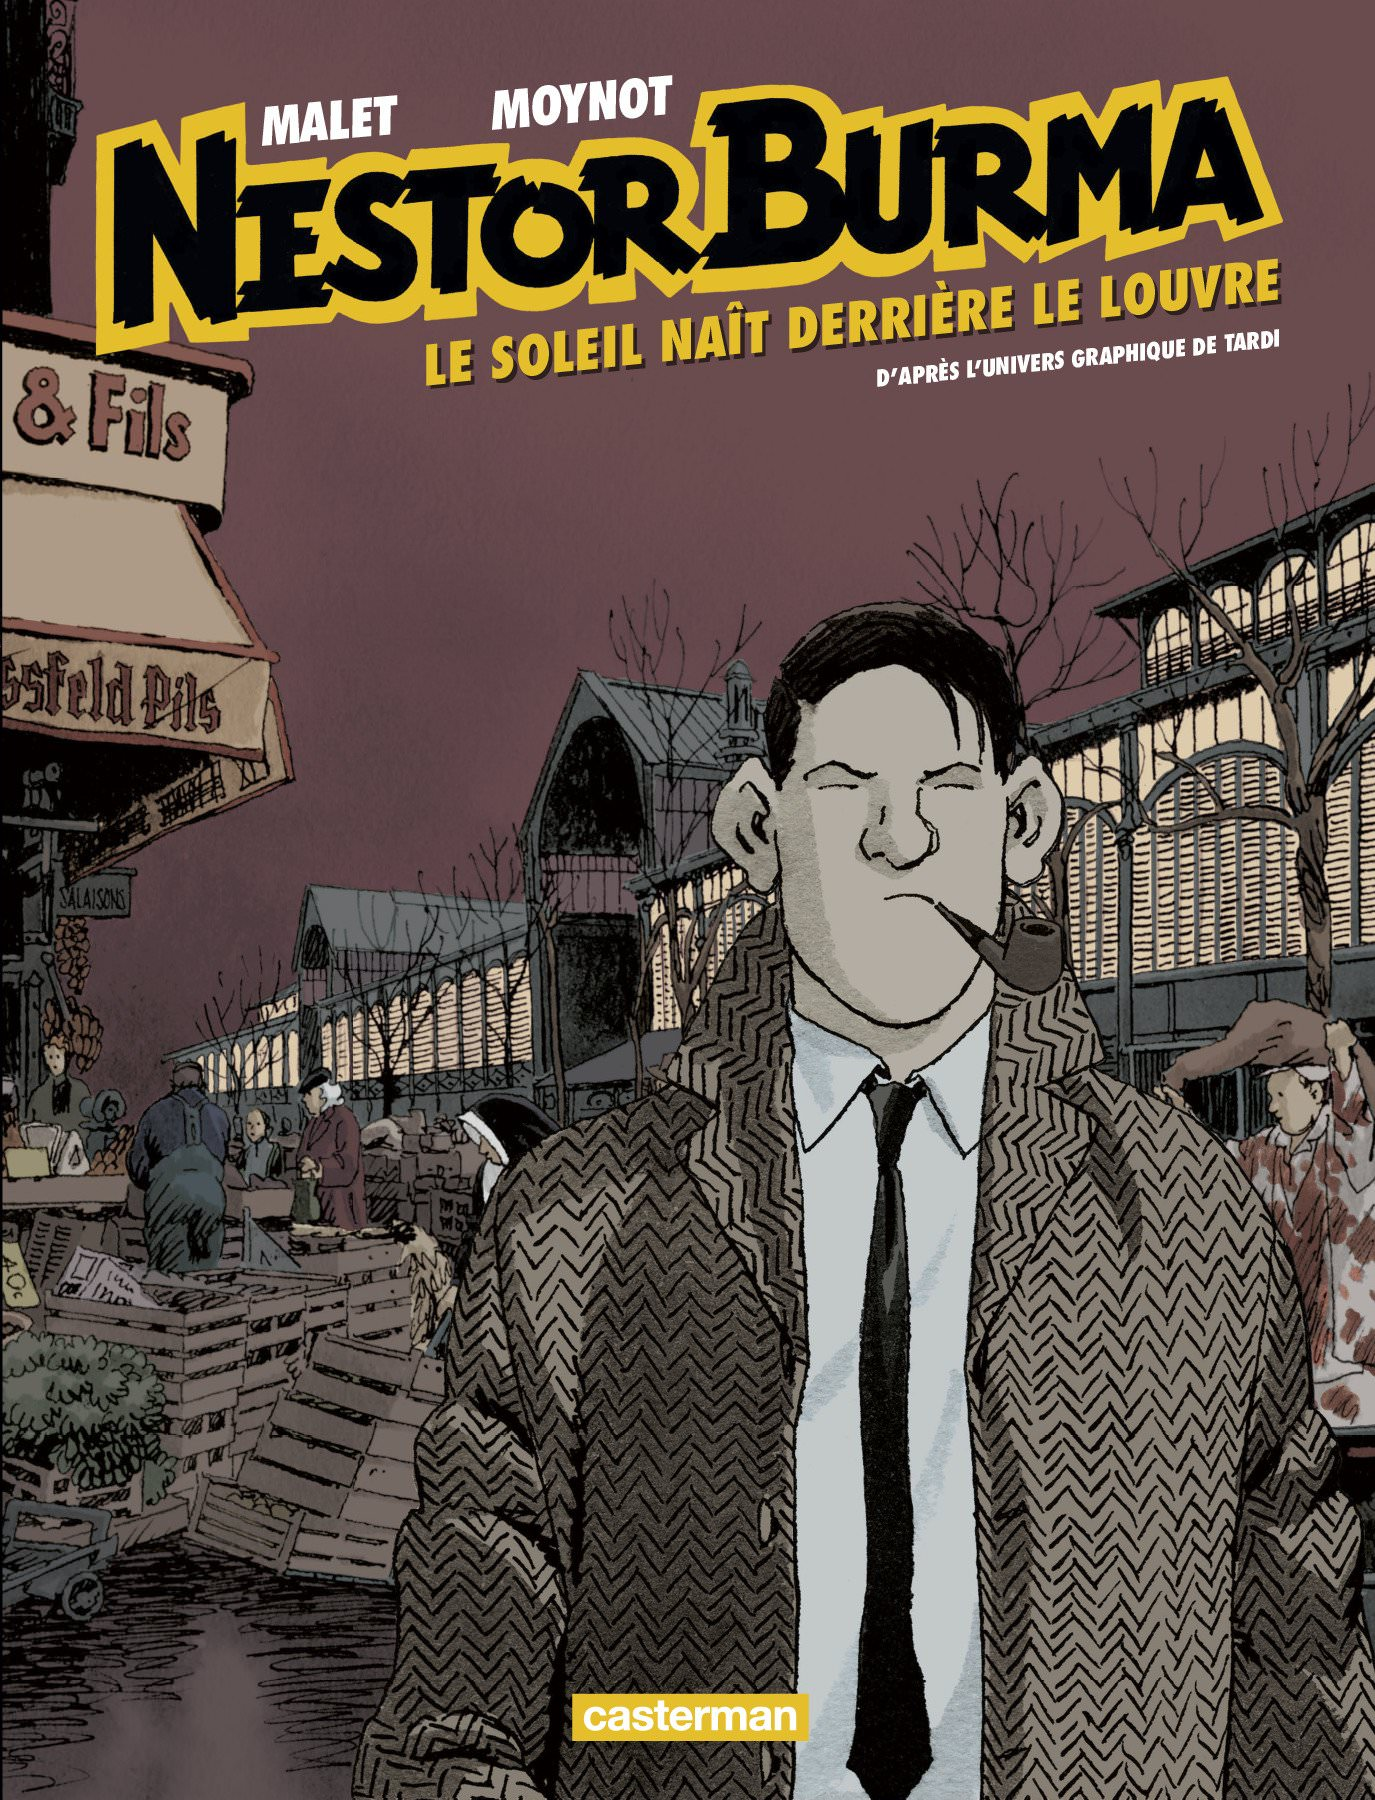 Nestor BURMA - 06 - Le soleil nait derriere le Louvre